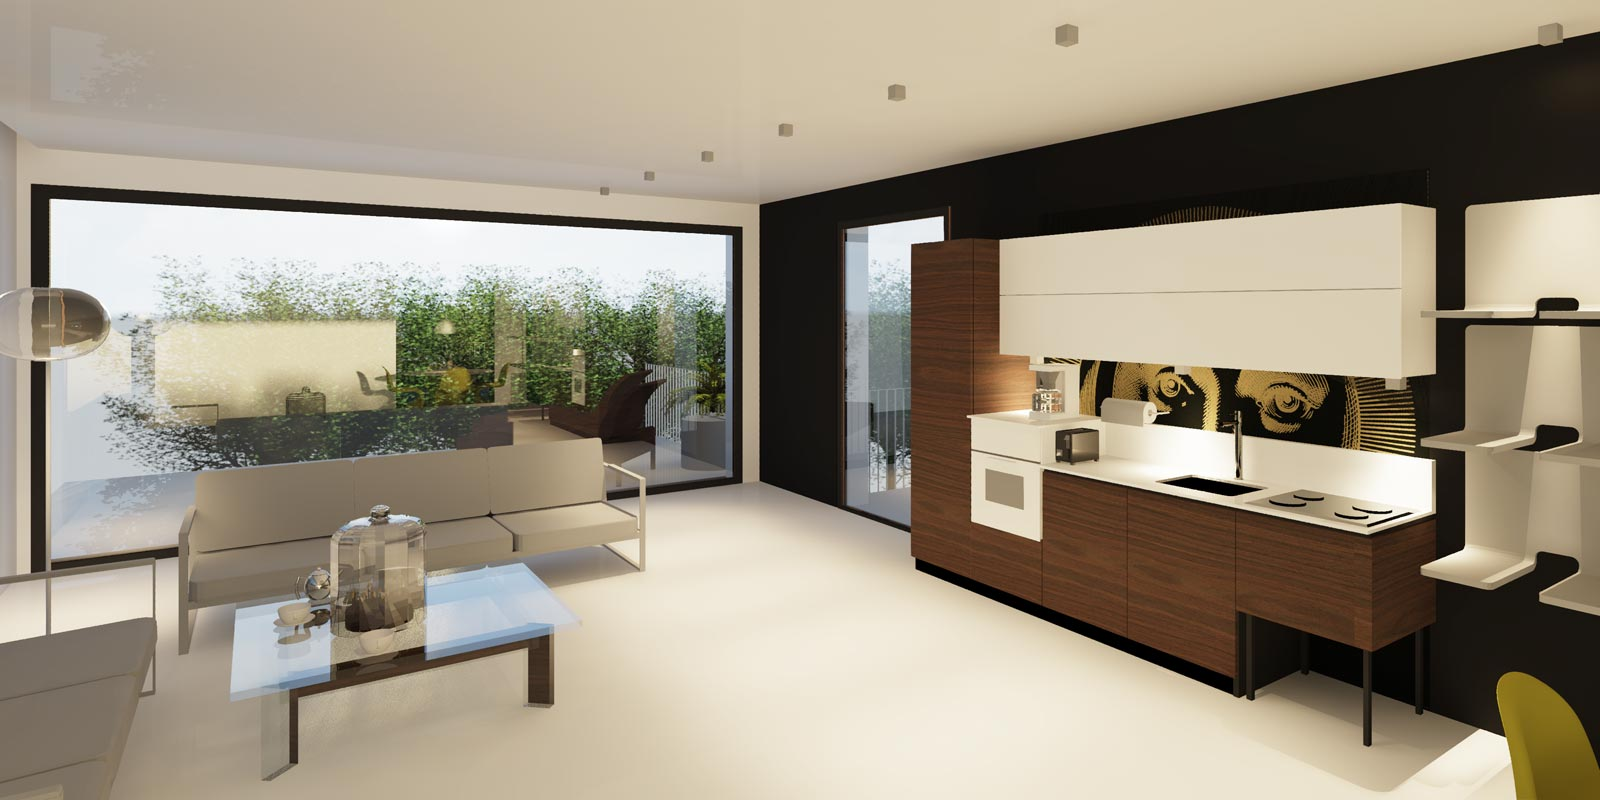 Rinnovare la cucina con replace design puoi sostituire le ante cucina - Cambiare colore ante cucina ...